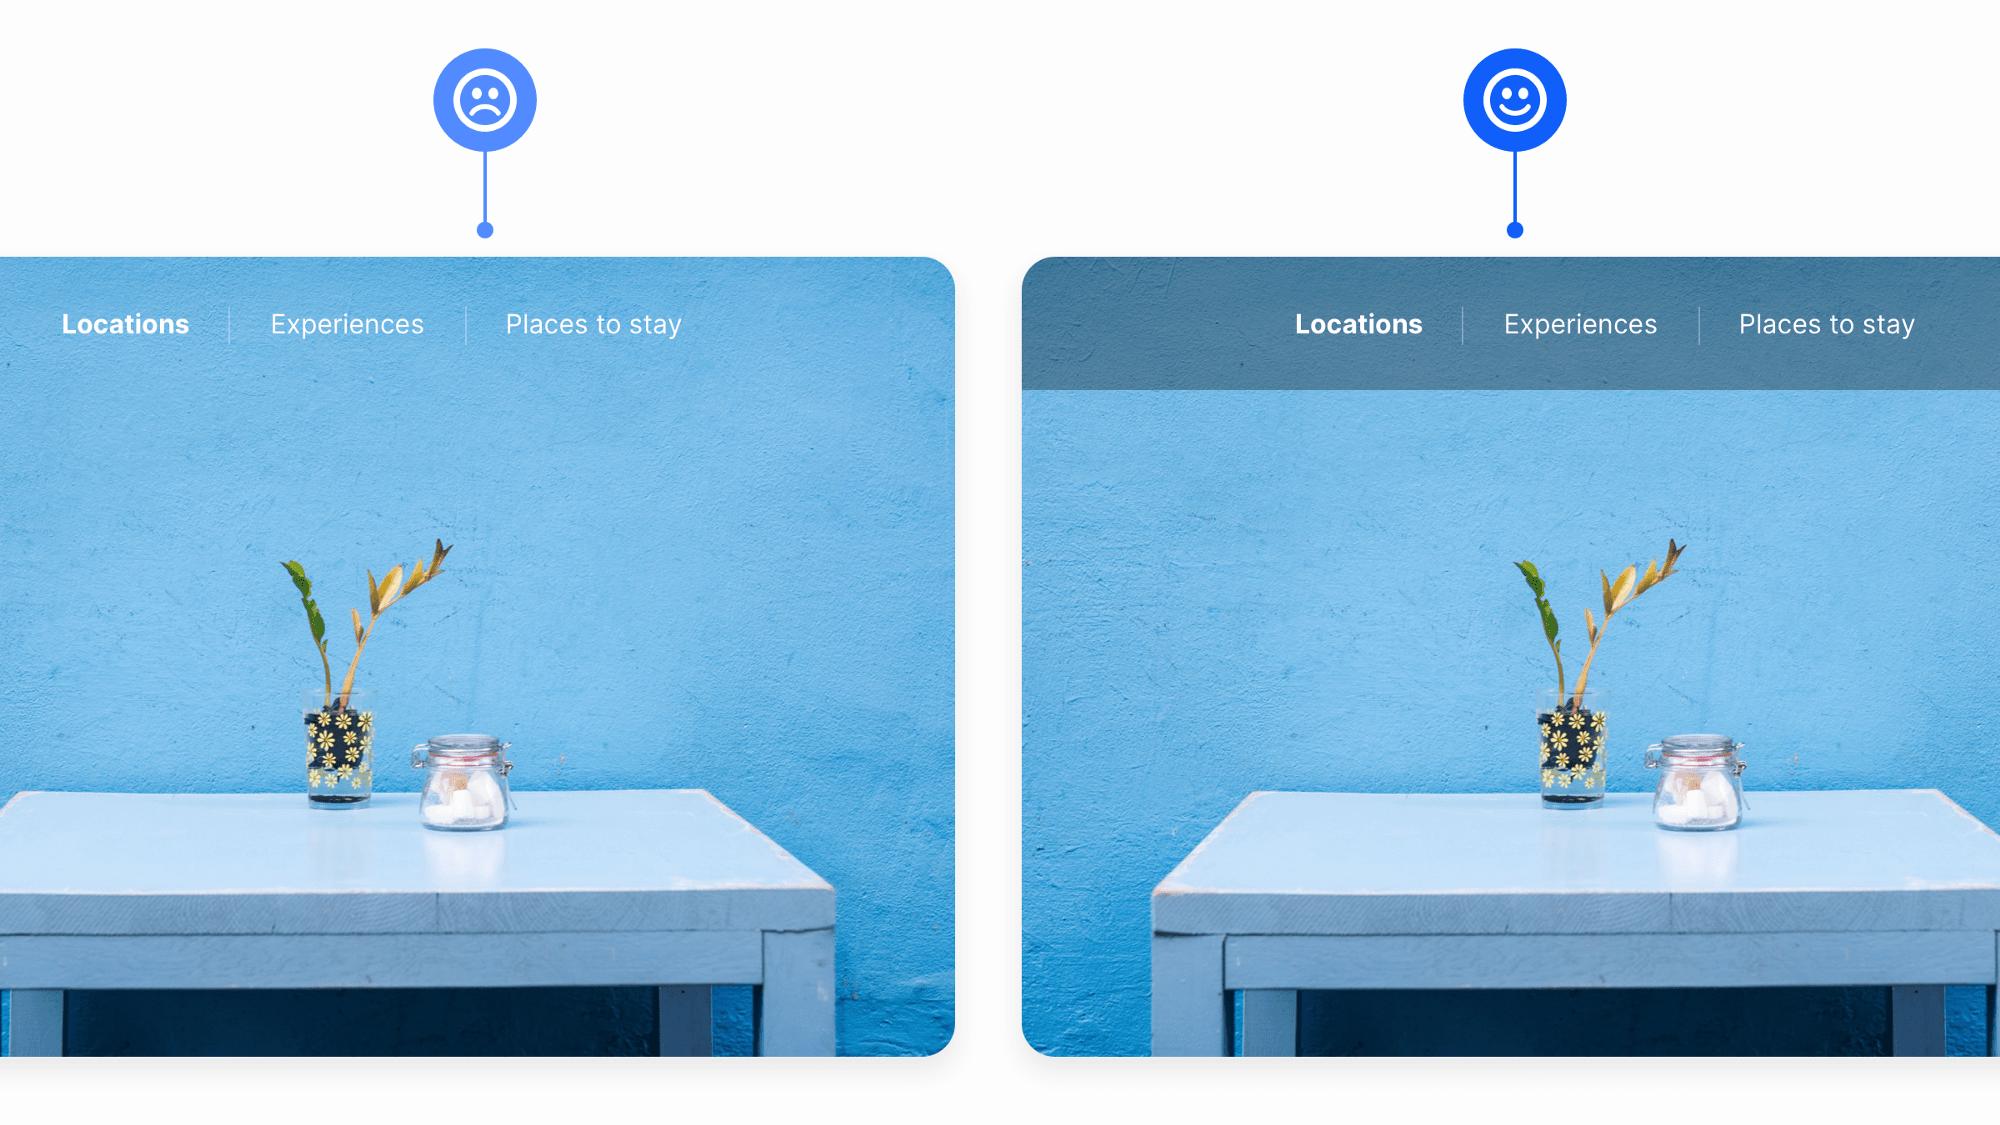 第二波!快速提升 UI 设计效果的 14 个小技巧